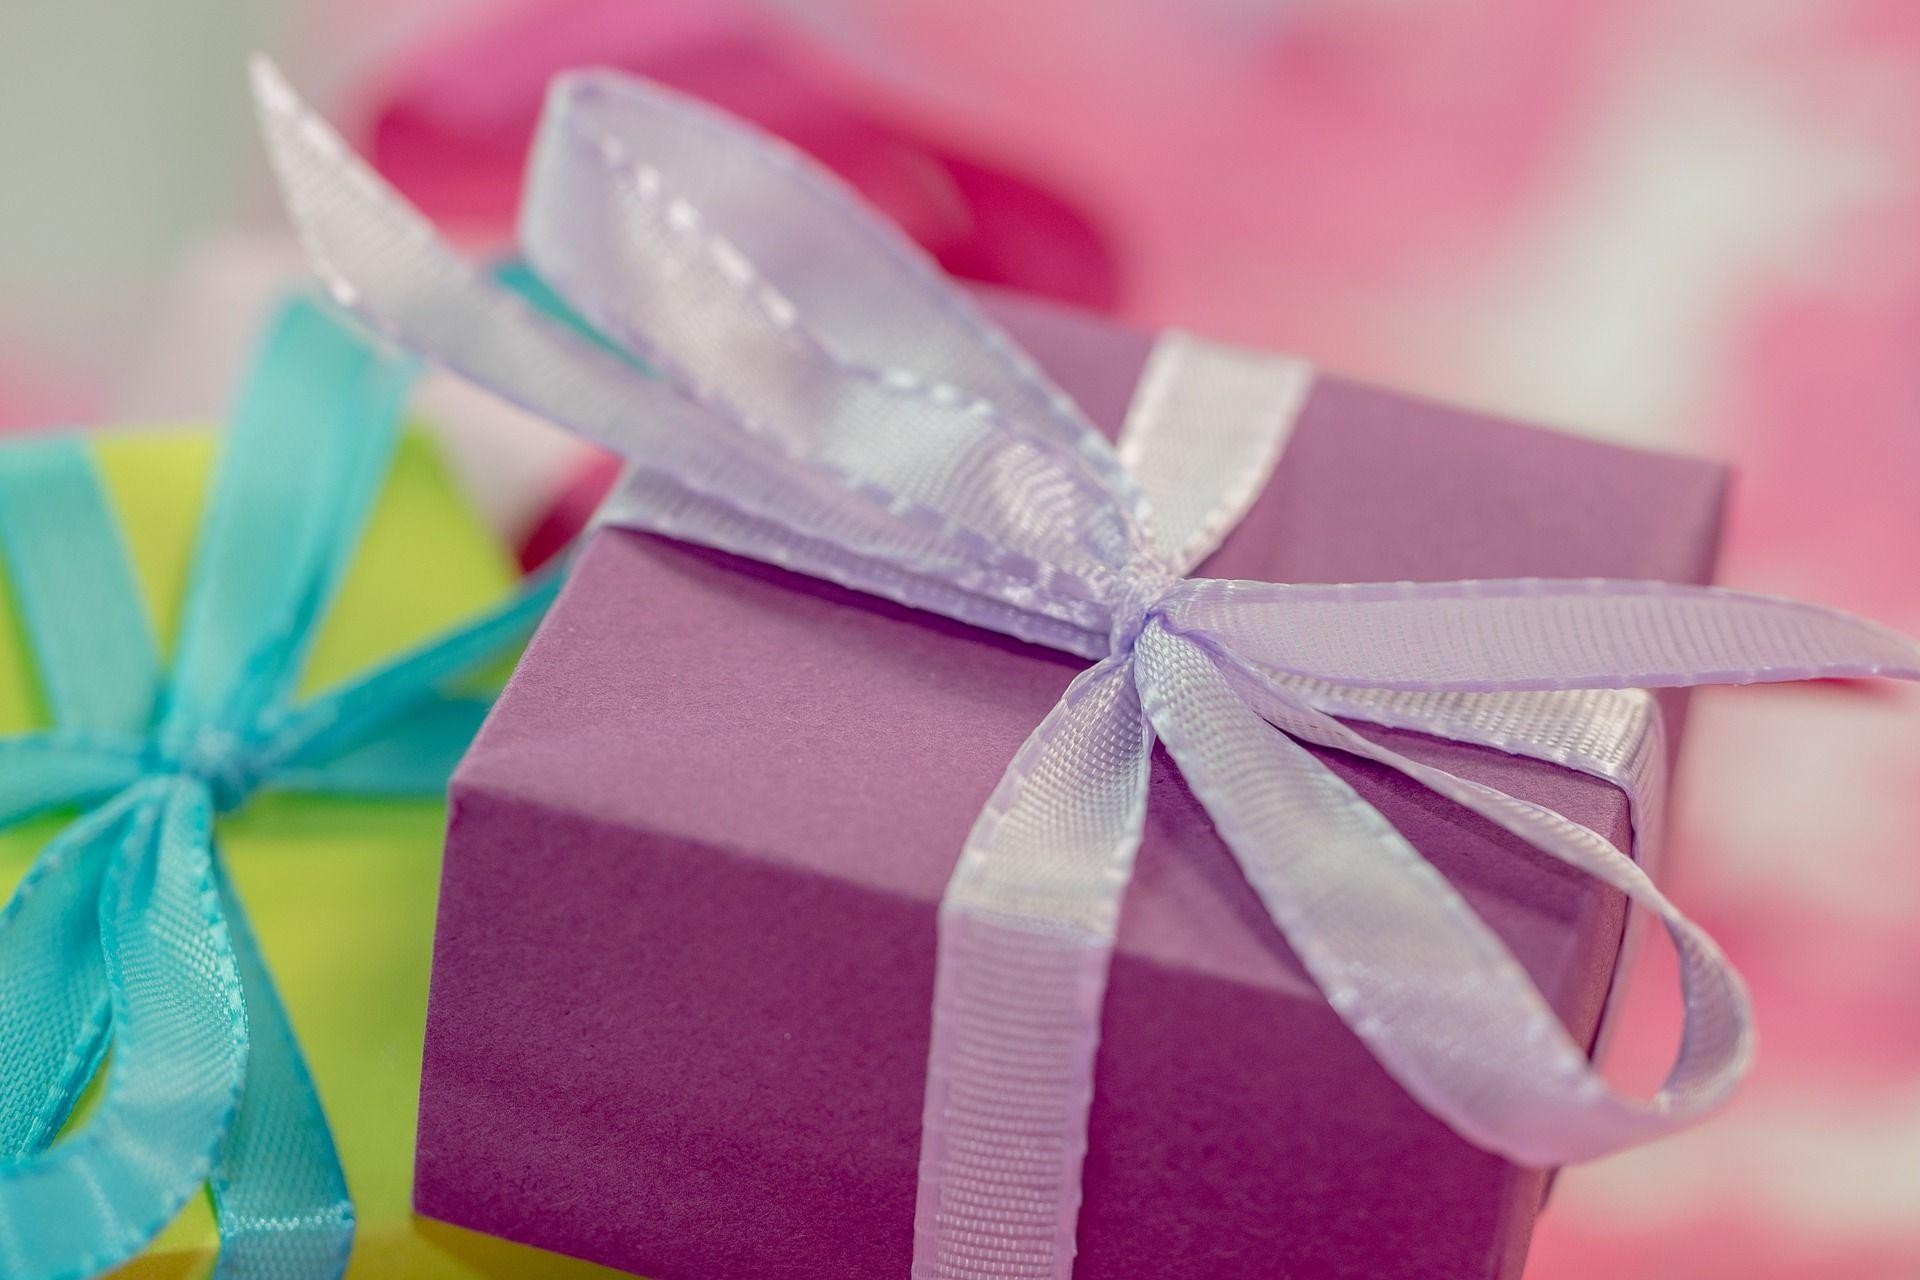 Idee regalo solidali per la Festa della Mamma